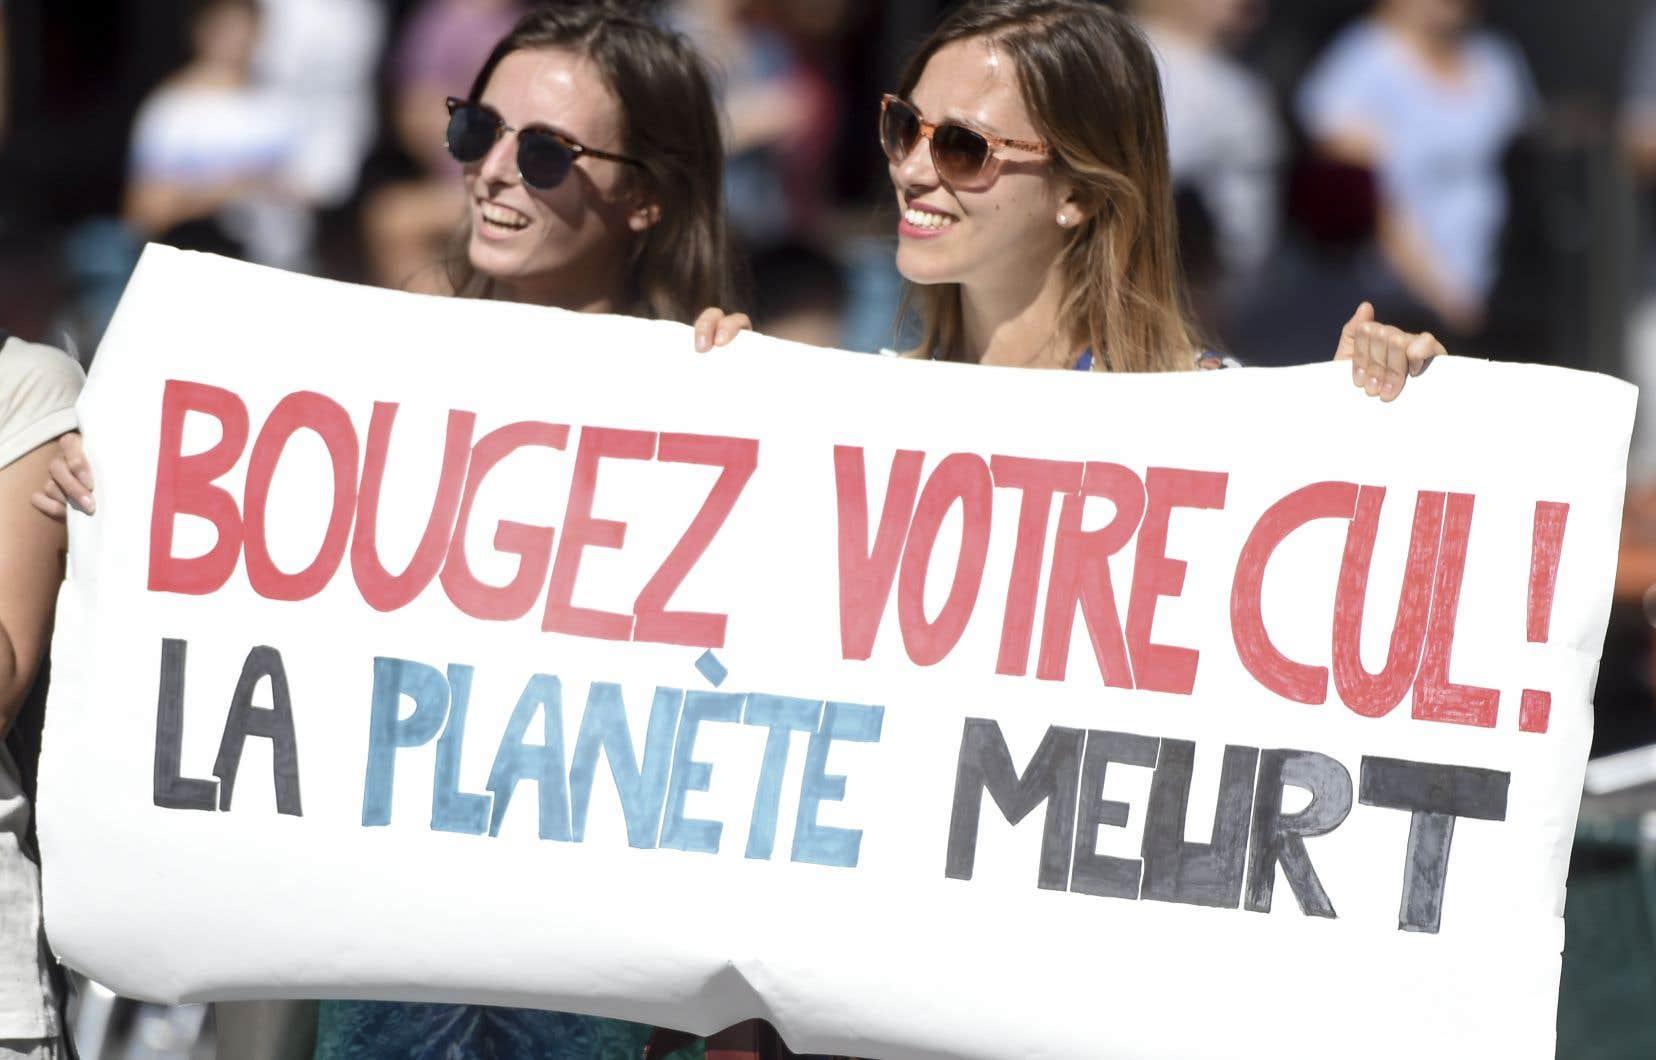 Deux femmes tiennent une pancarte qui parle d'elle-même lors de la marche pour le climat, à Nantes, dans l'ouest de la France, le 8 septembre 2018.